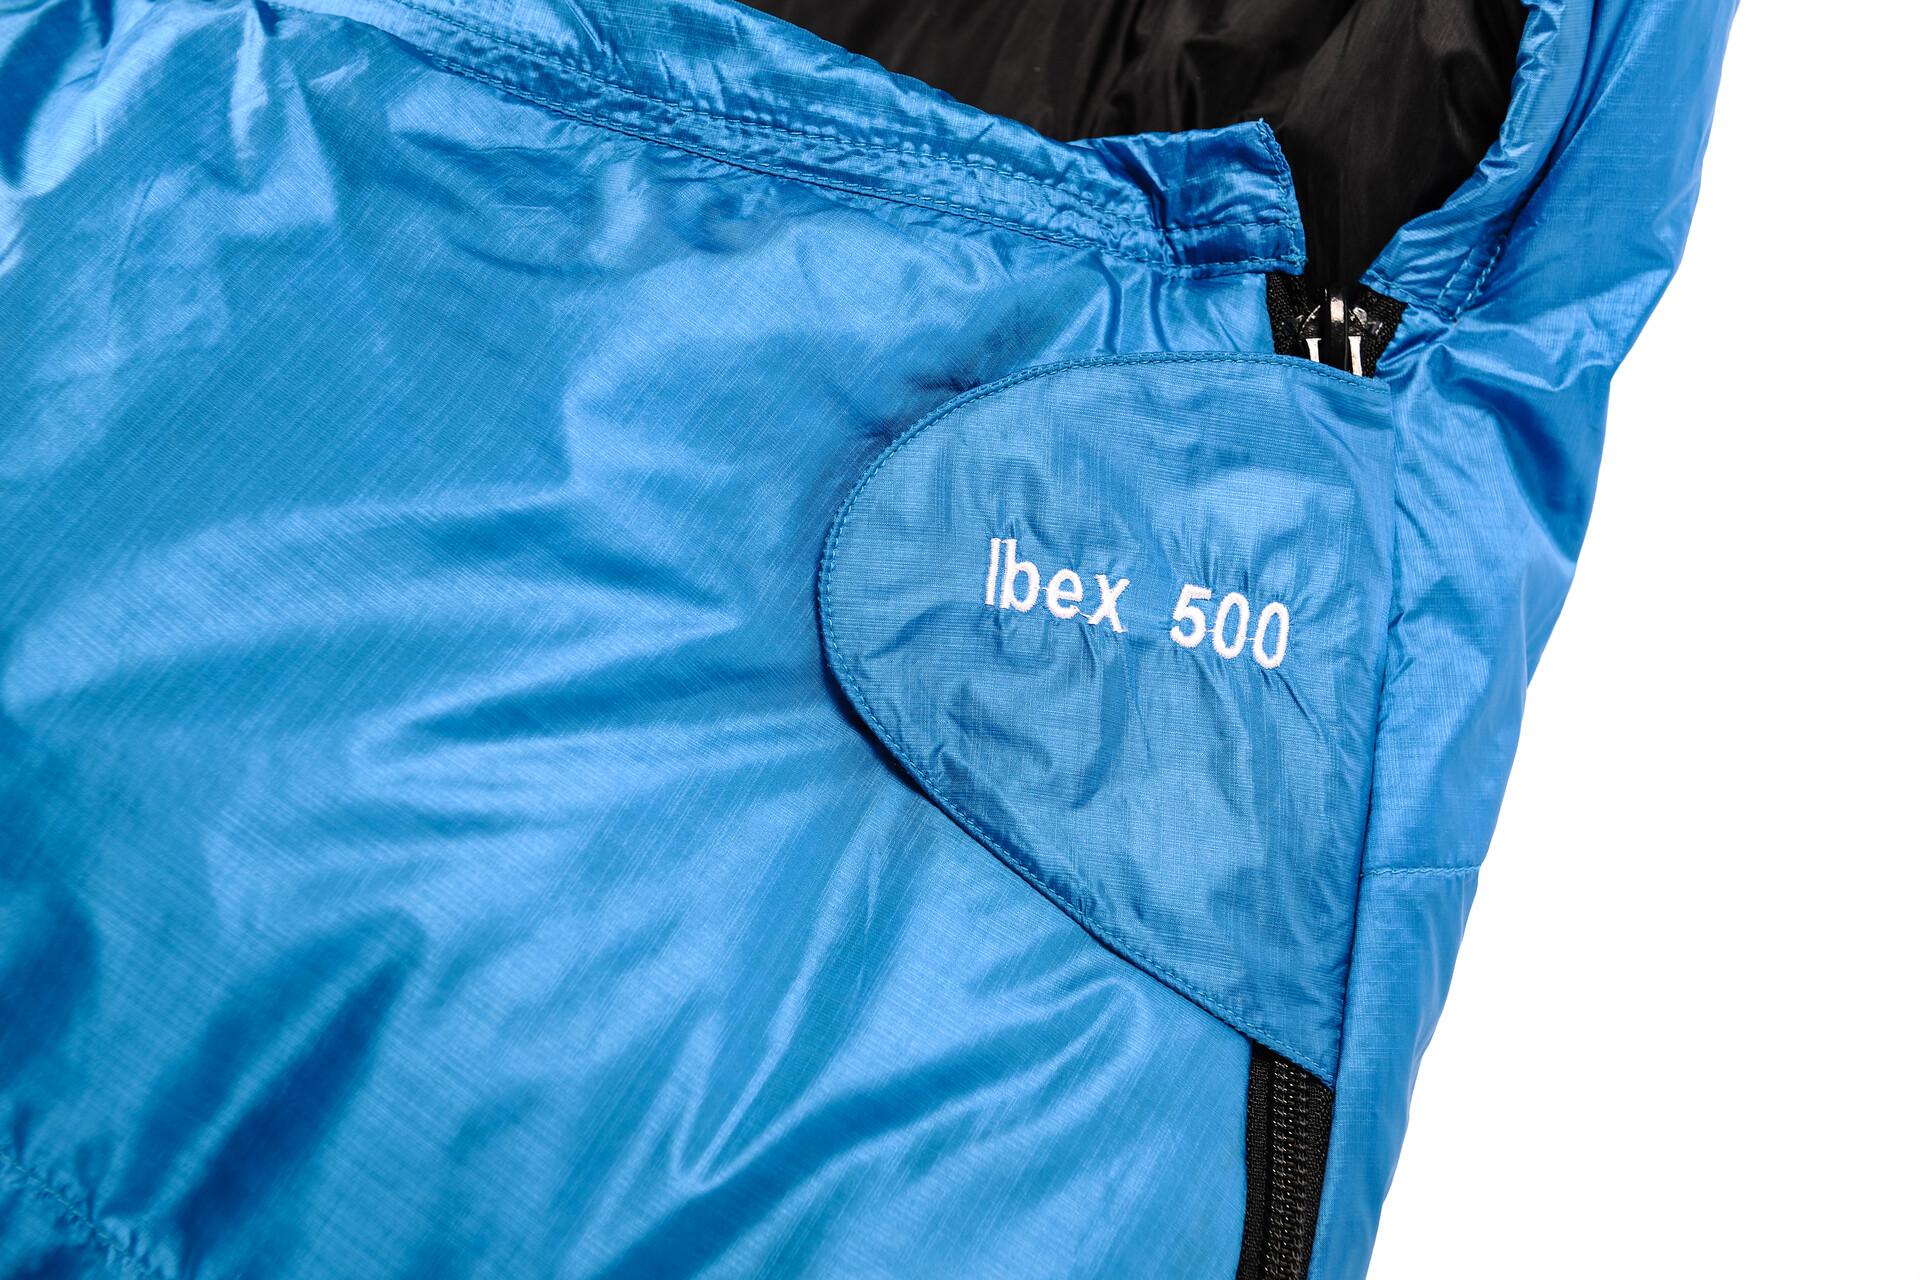 Sac S CouchageTurquoiseblack De 500 Ibex Alvivo YHWED29I